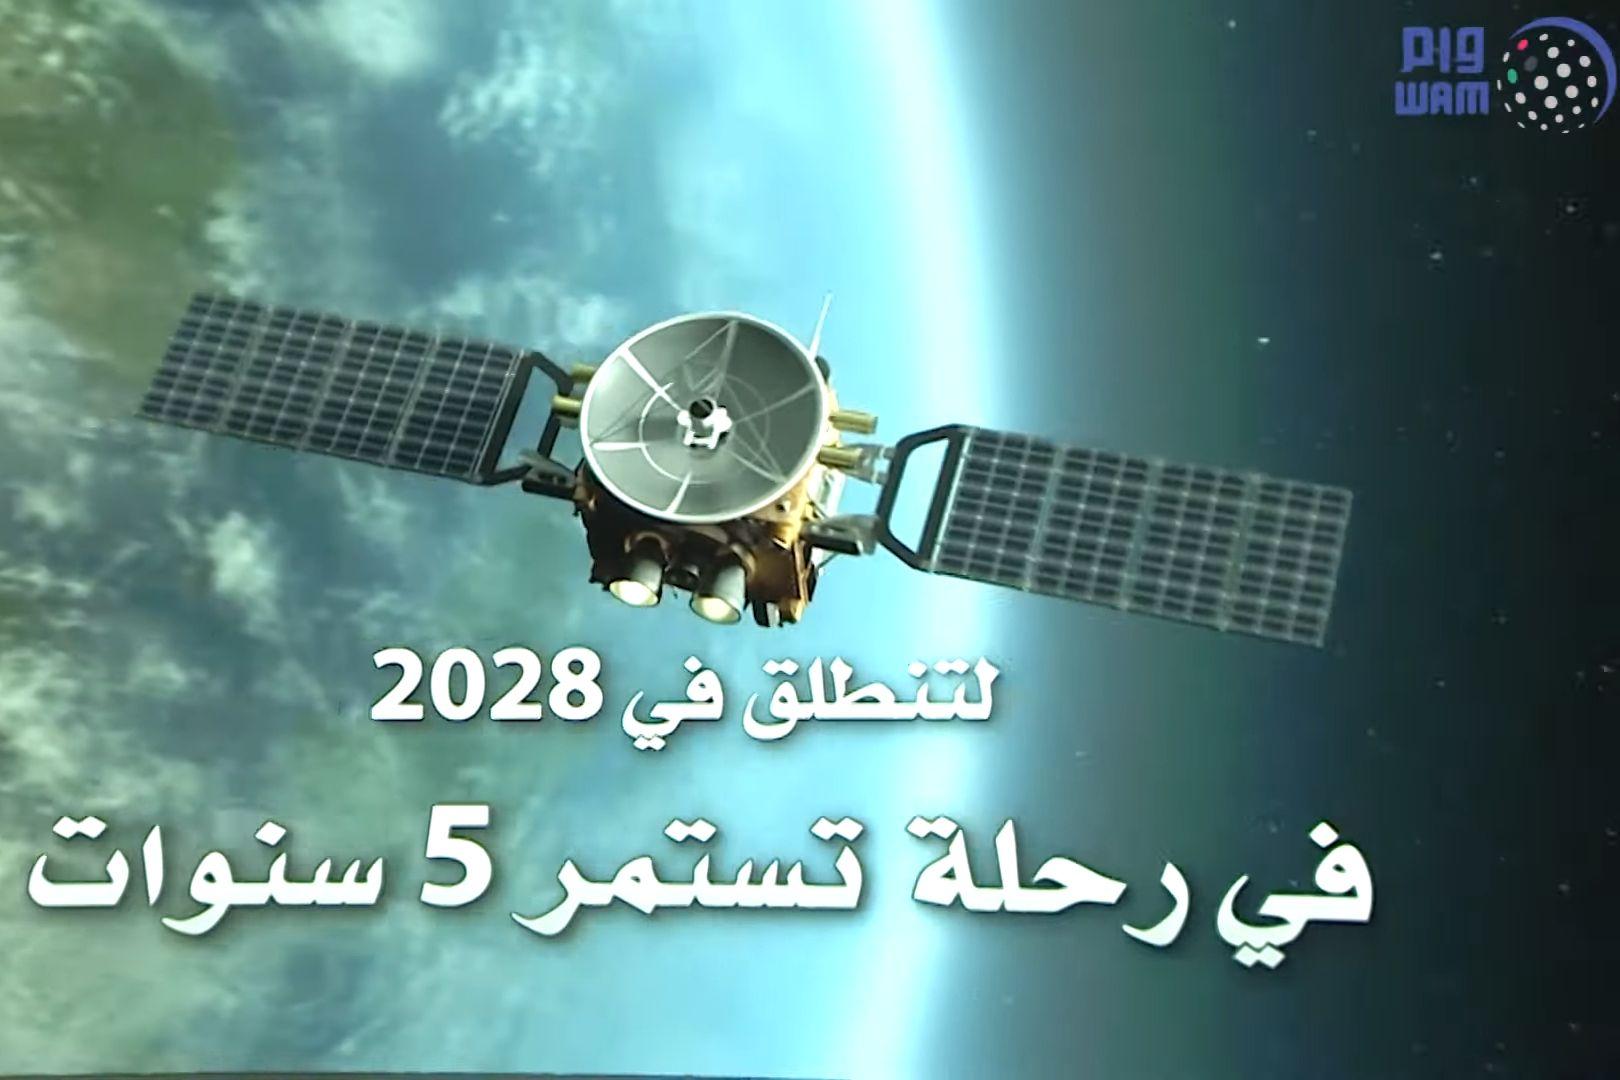 uae-mission-2028-ceinture-asteroides